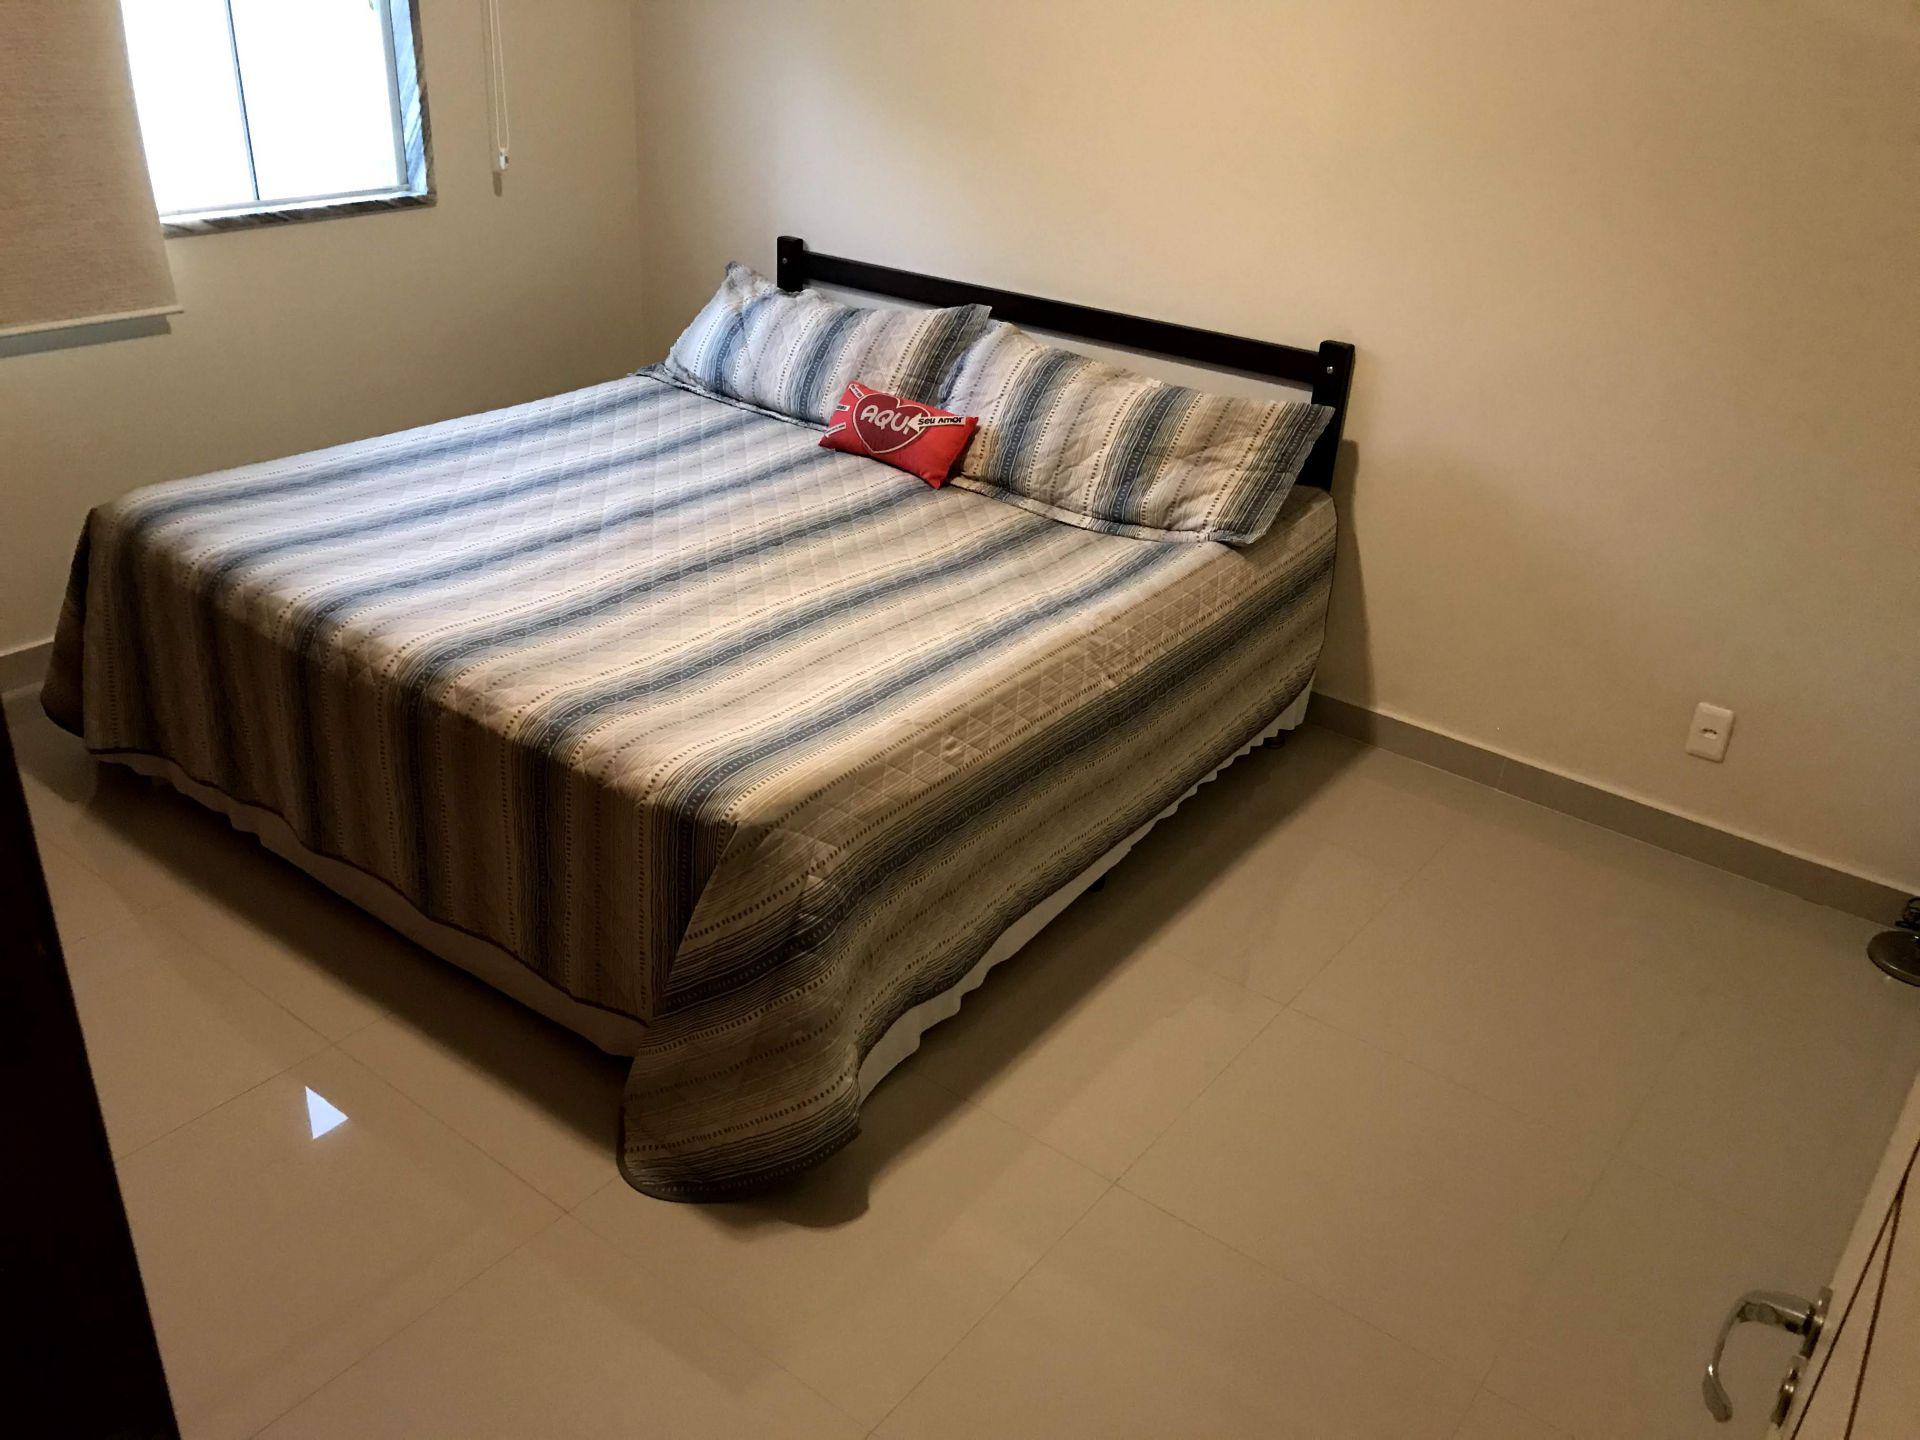 FOTO 11 - Casa em Condomínio à venda Rua Rosário Oeste,Vila Valqueire, Rio de Janeiro - R$ 1.500.000 - RF257 - 12